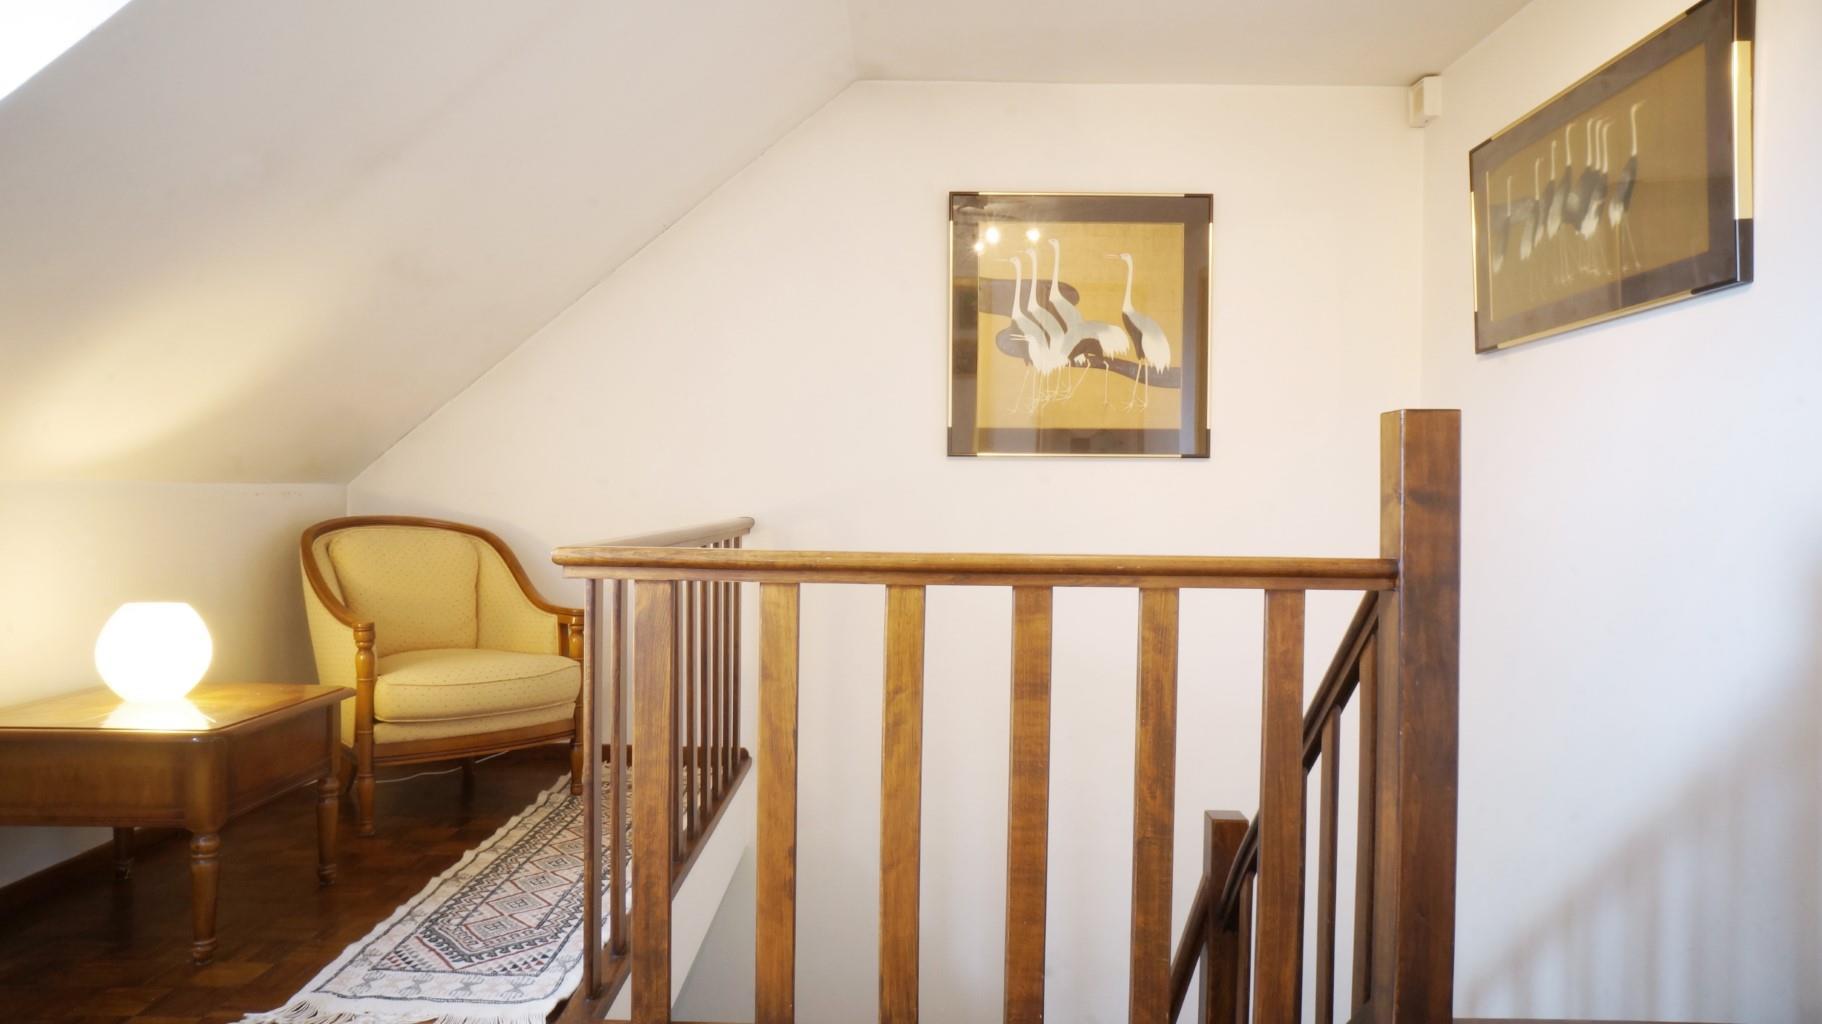 Maison - Perwez Thorembais-Saint-Trond - #4027352-12